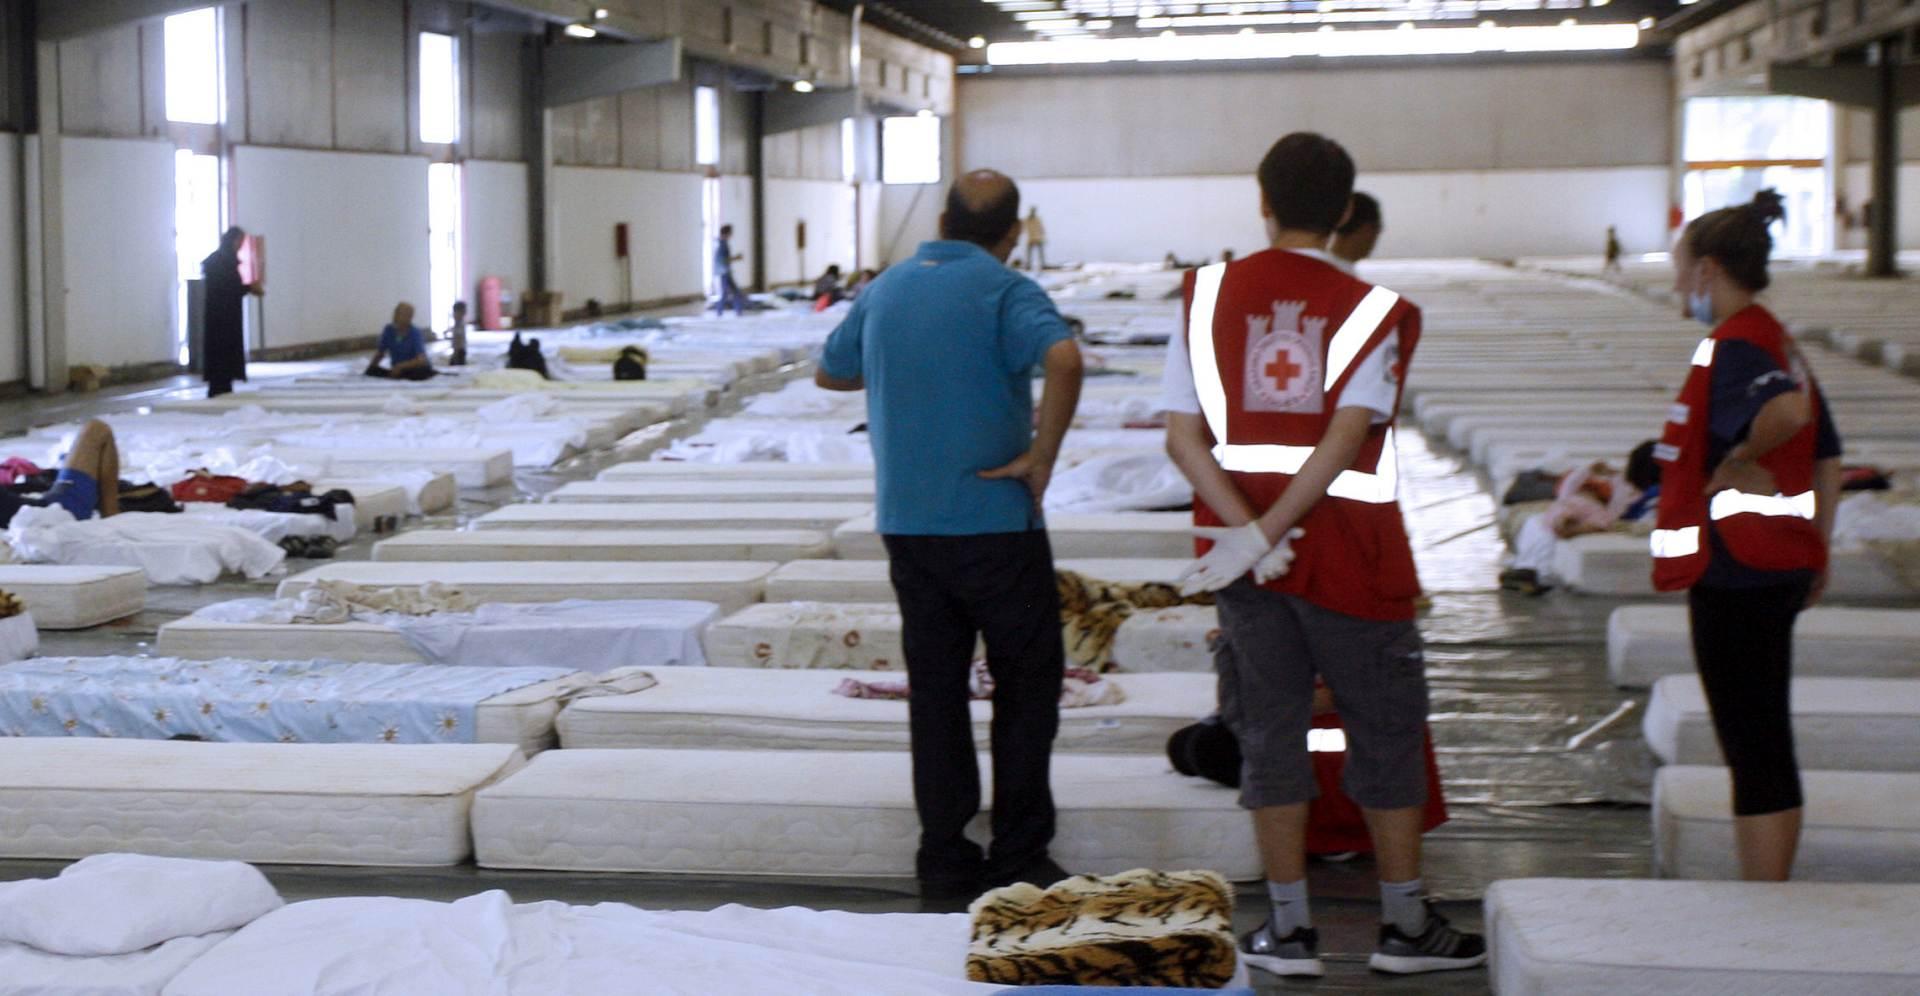 POSJETILI IZBJEGLICE: Bandić i vjerske zajednice pozivaju na solidarnost i pomoć izbjeglicama